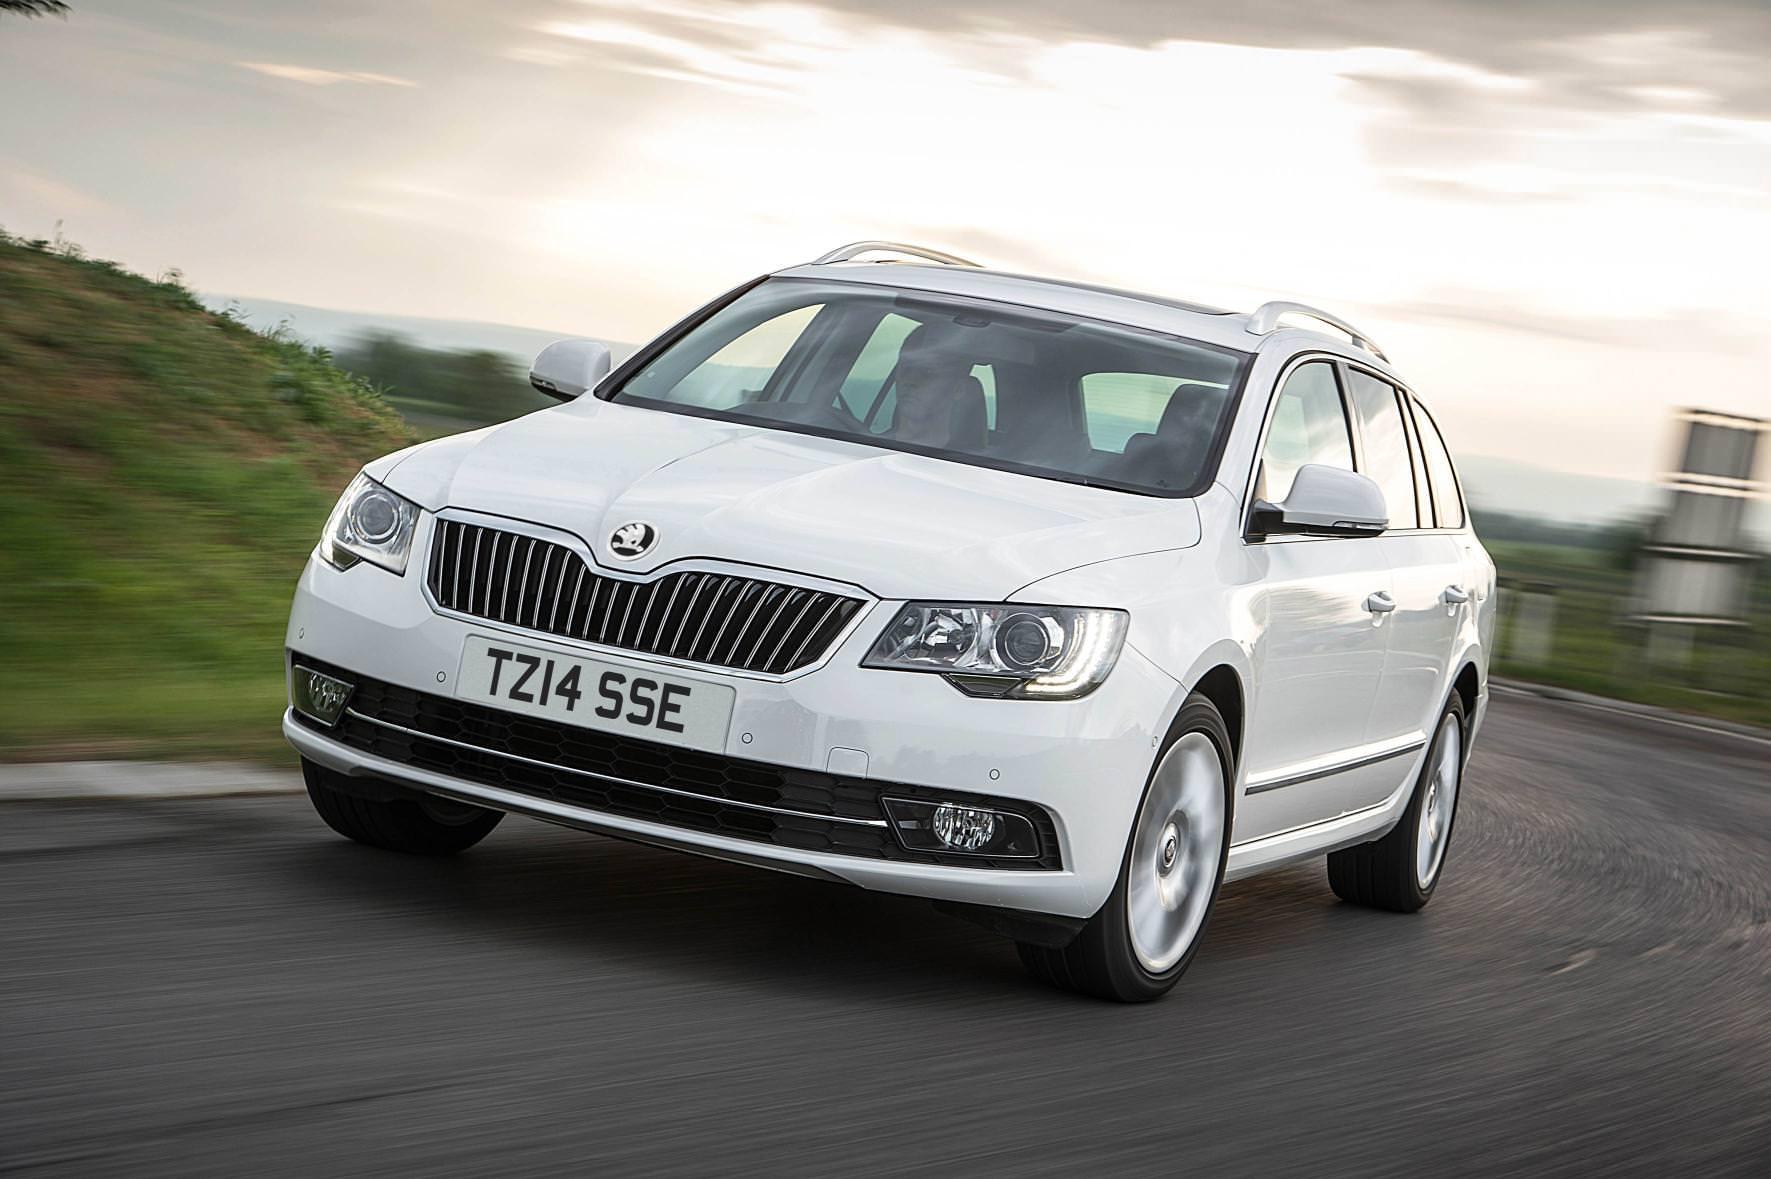 image of a white skoda superb car exterior